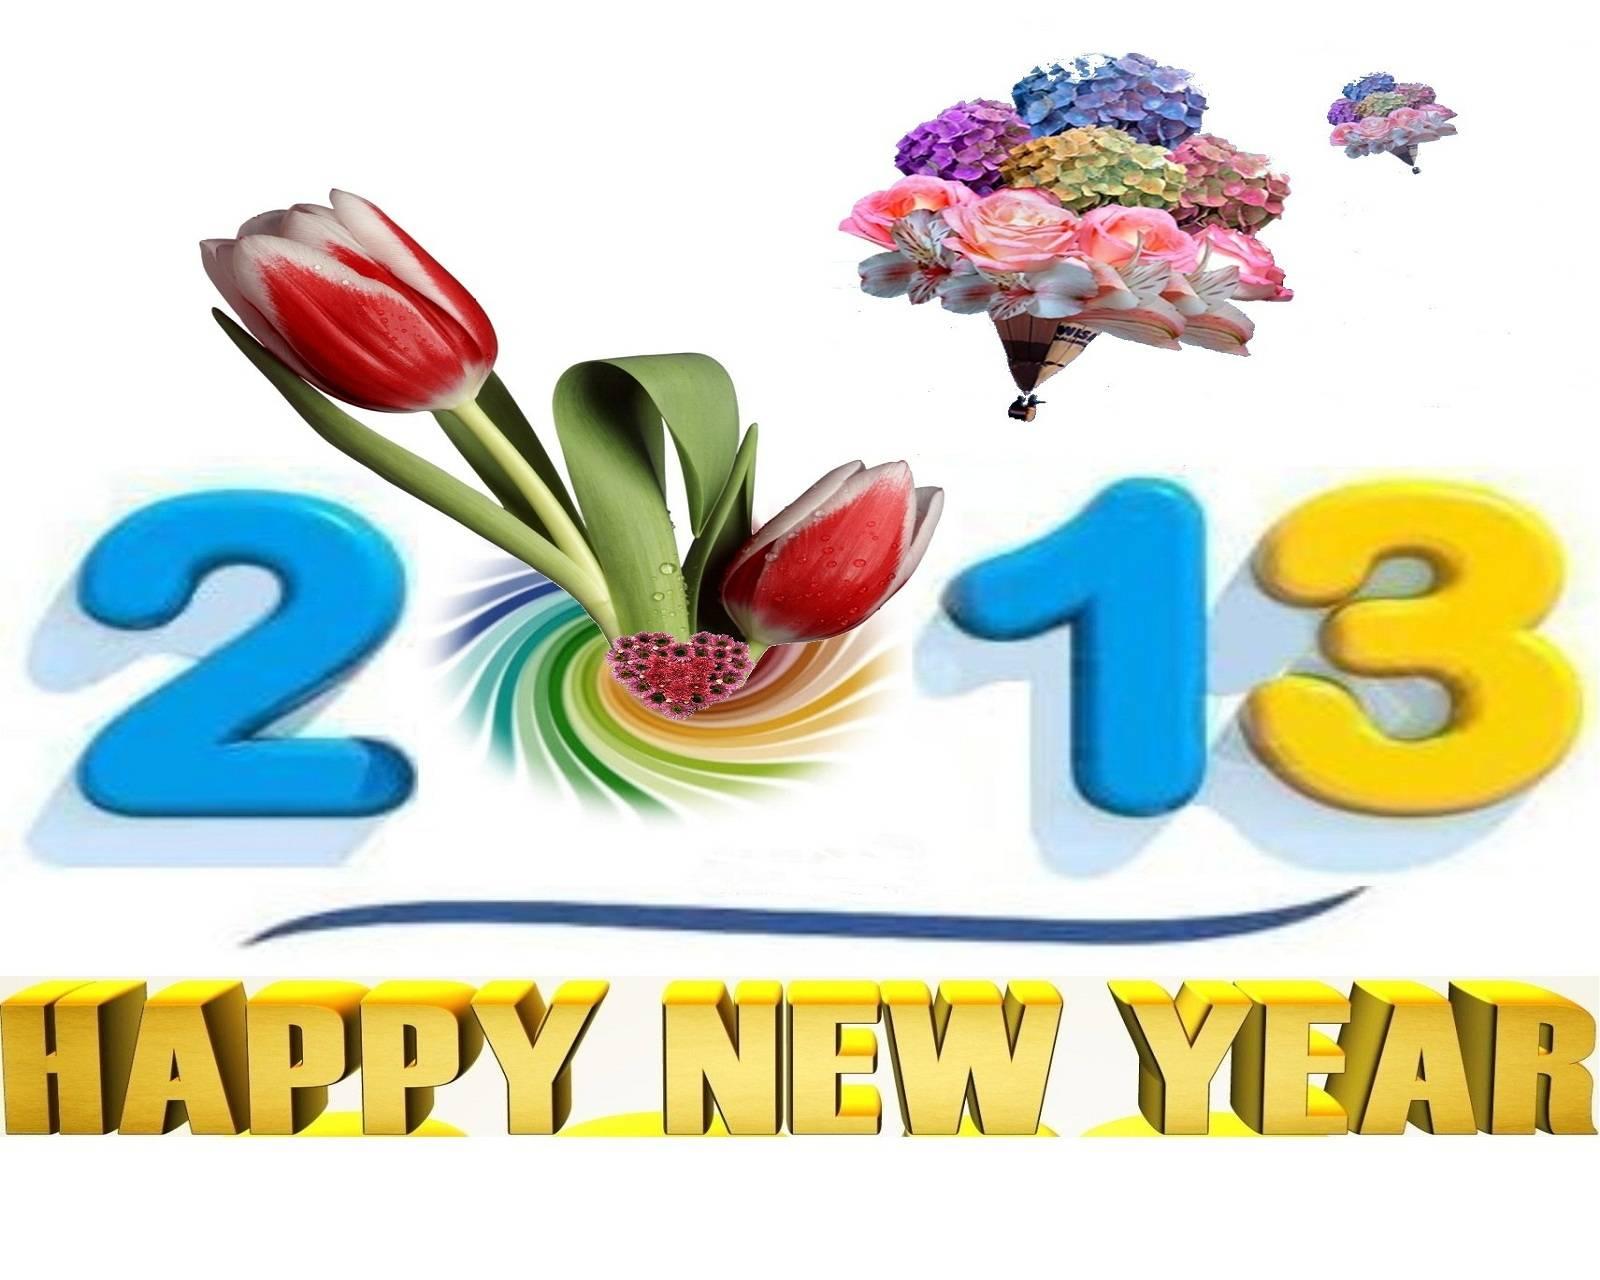 Vir680-new Year